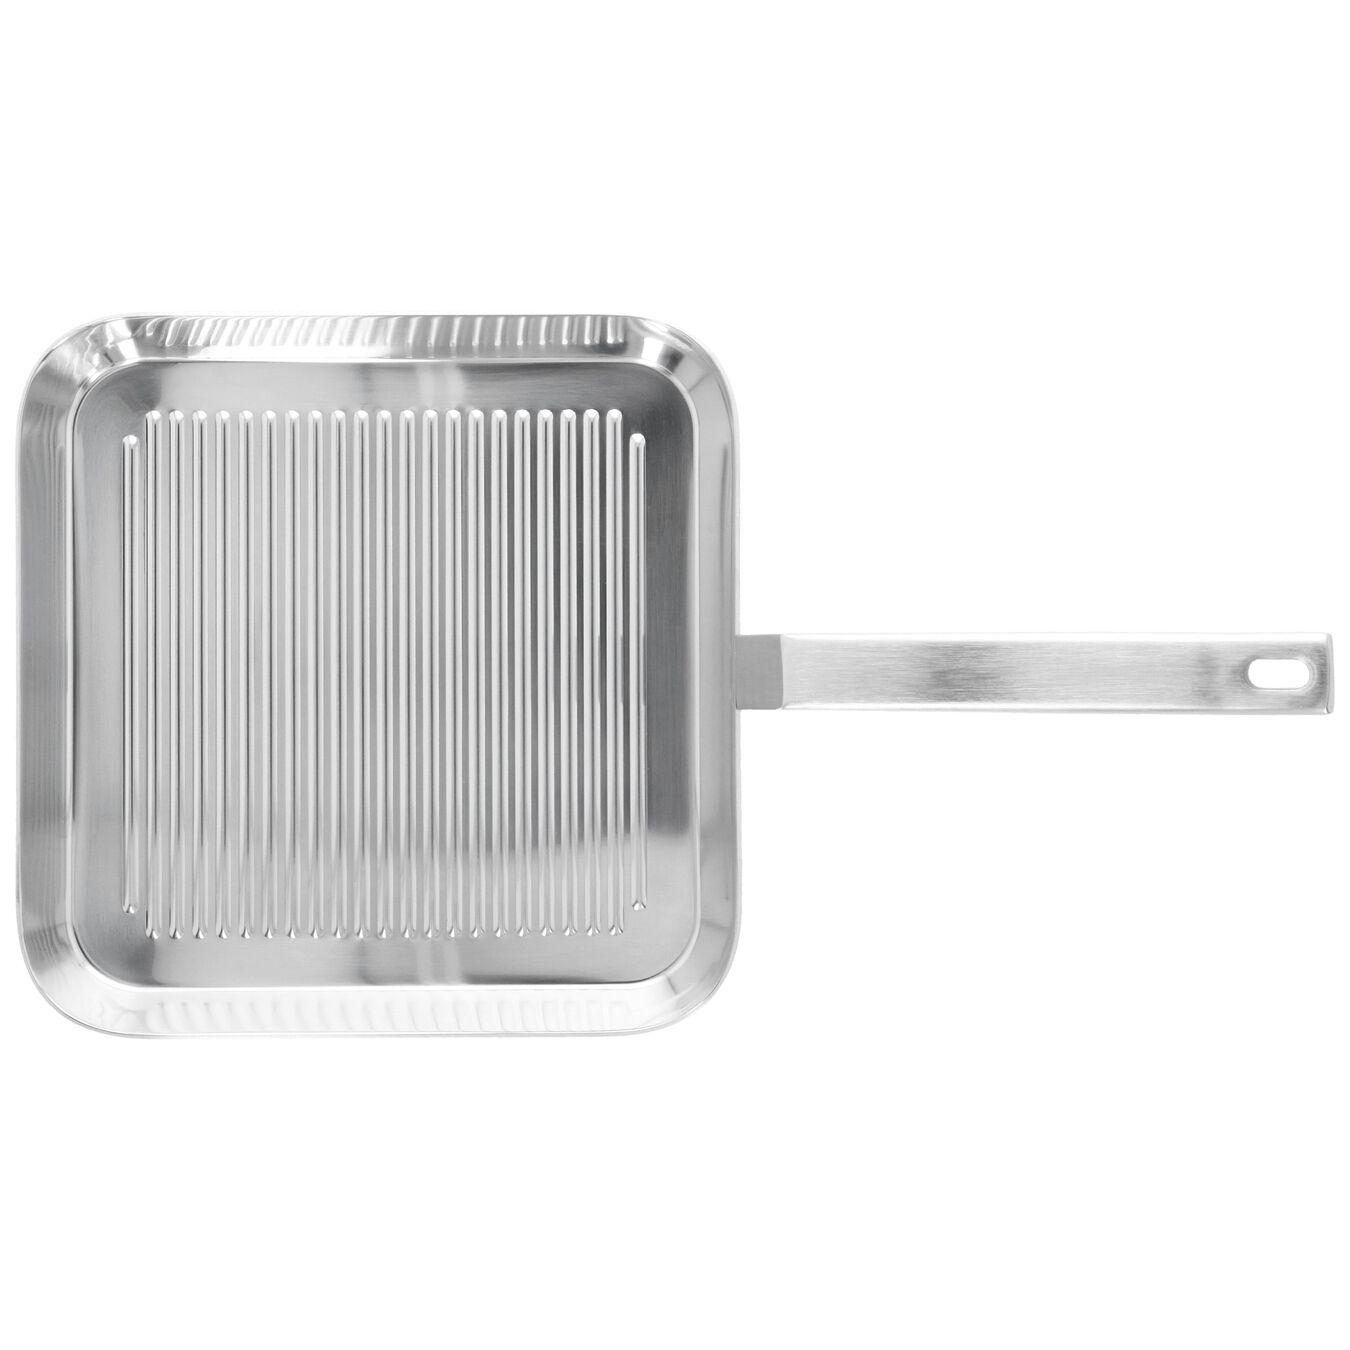 Grillpfanne 28 cm, 18/10 Edelstahl, Silber,,large 2